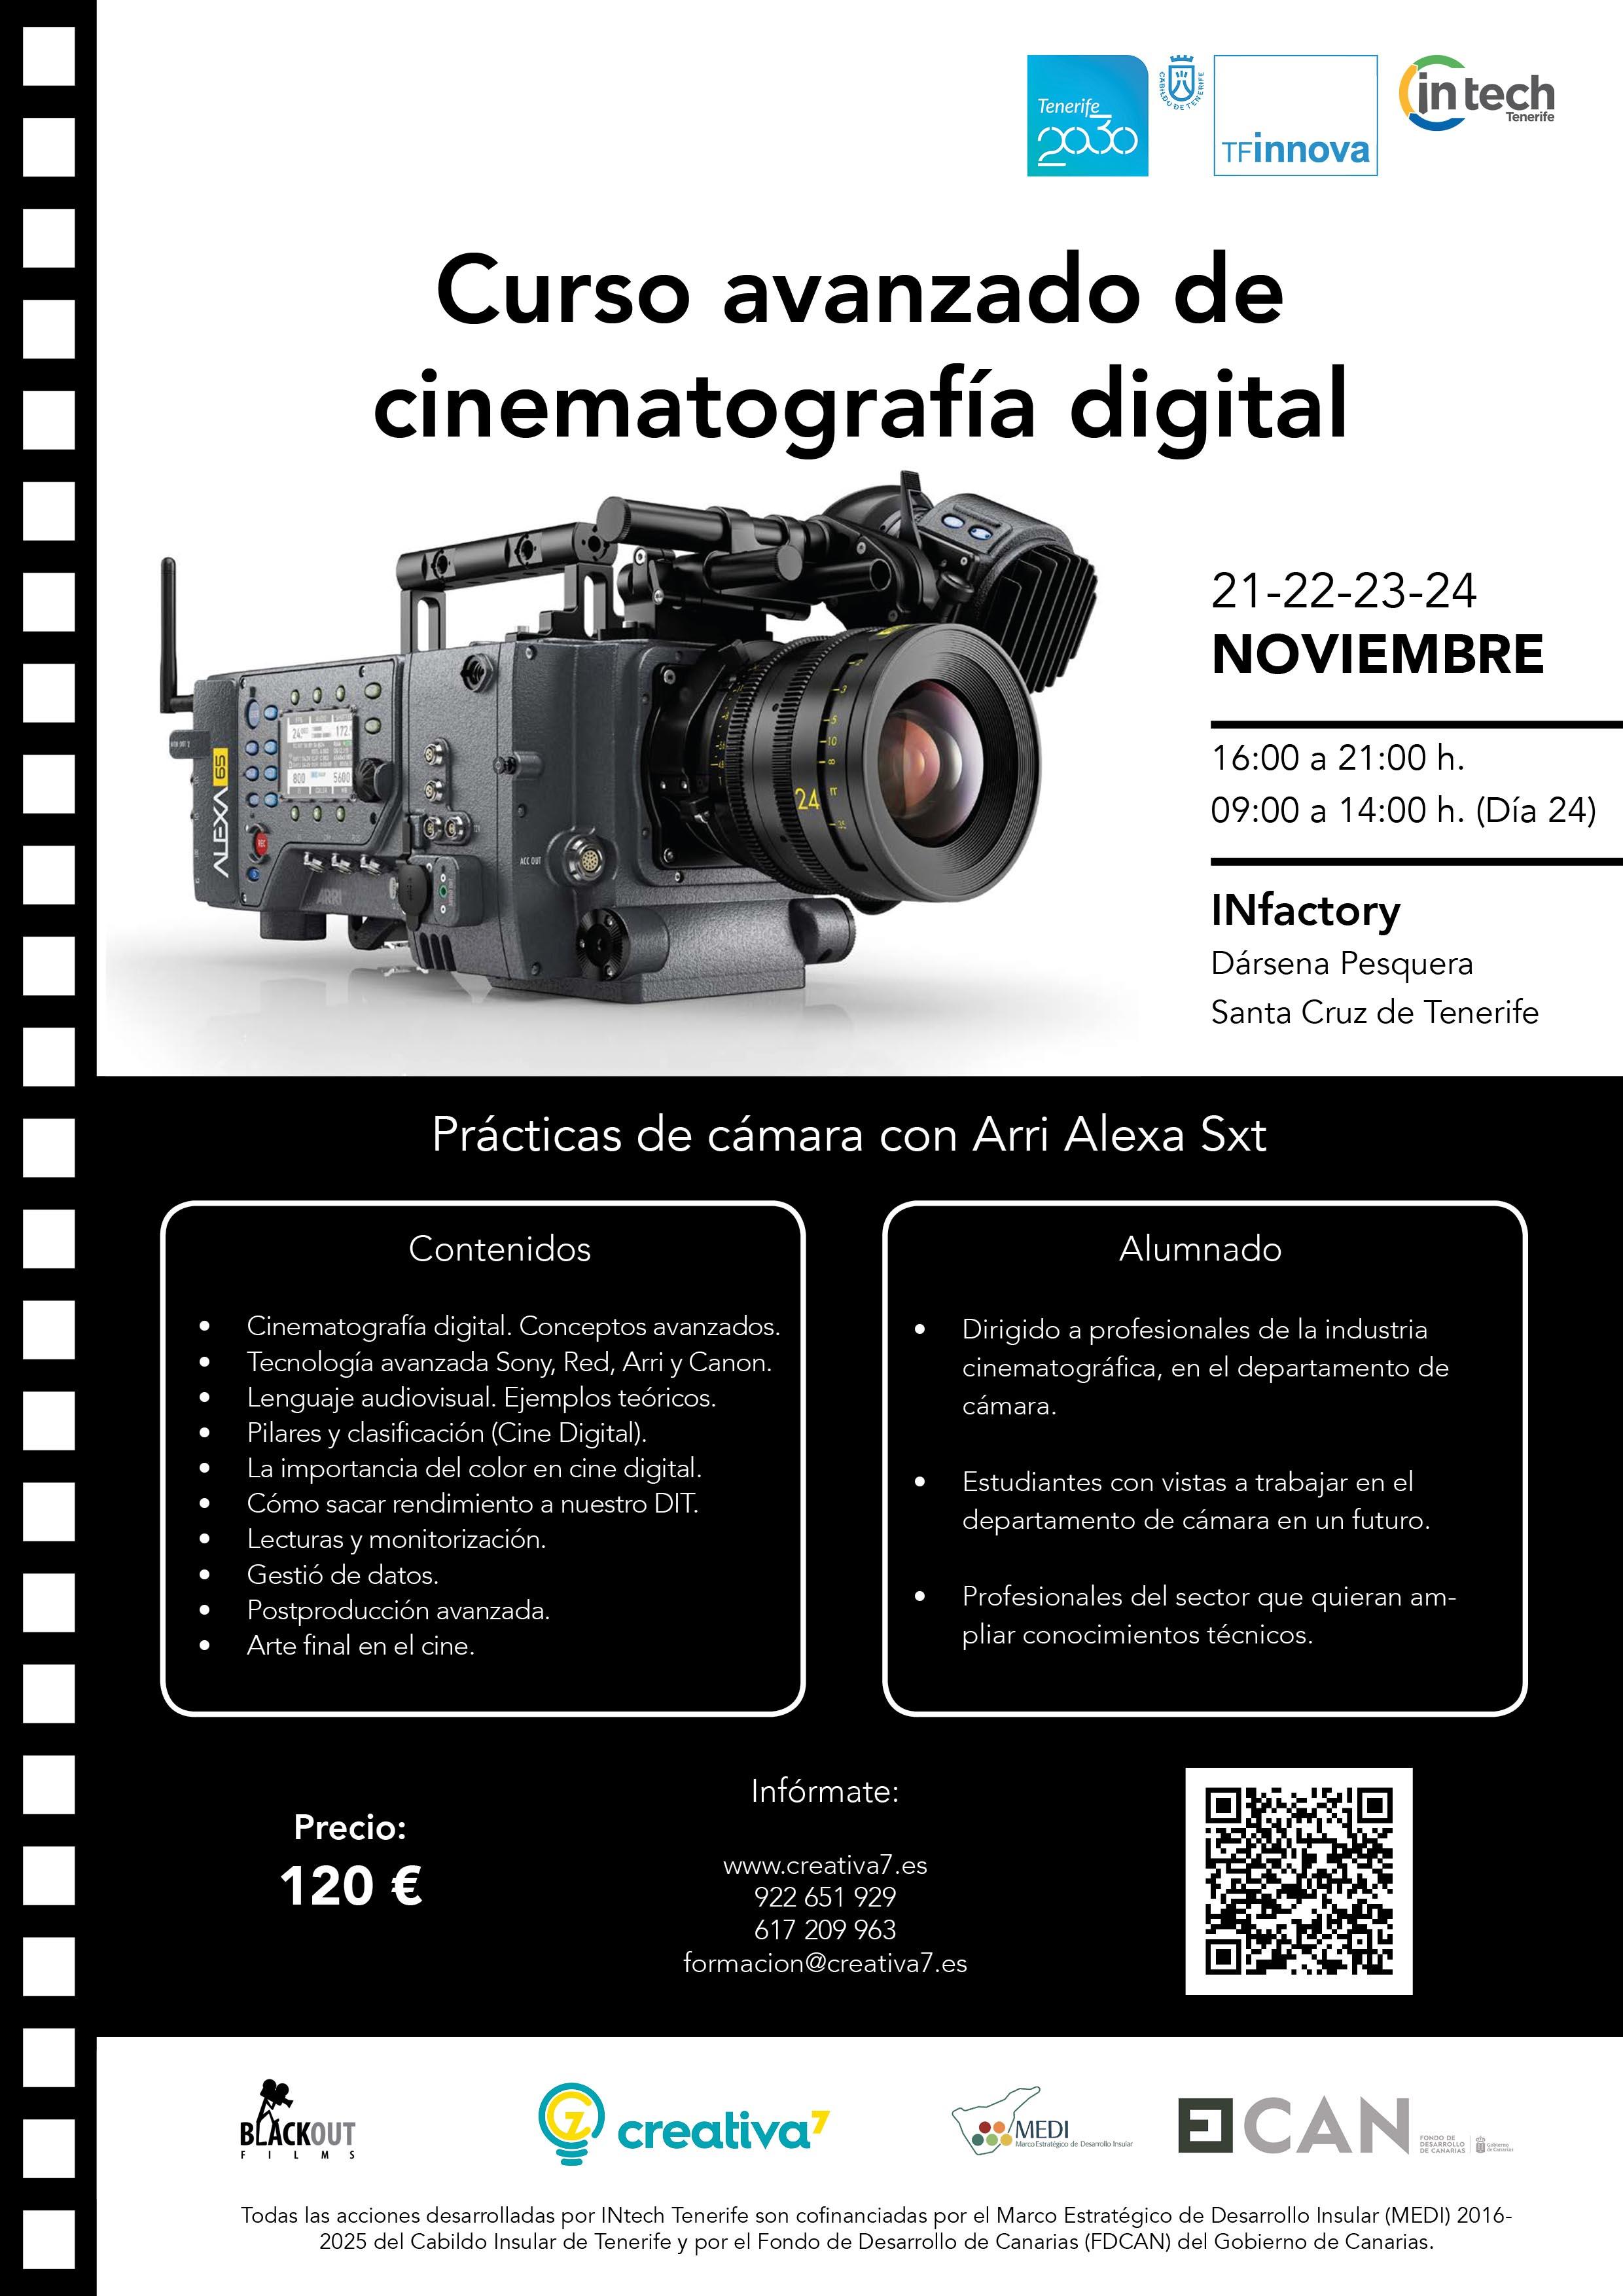 Curso avanzado de cinematografía digital